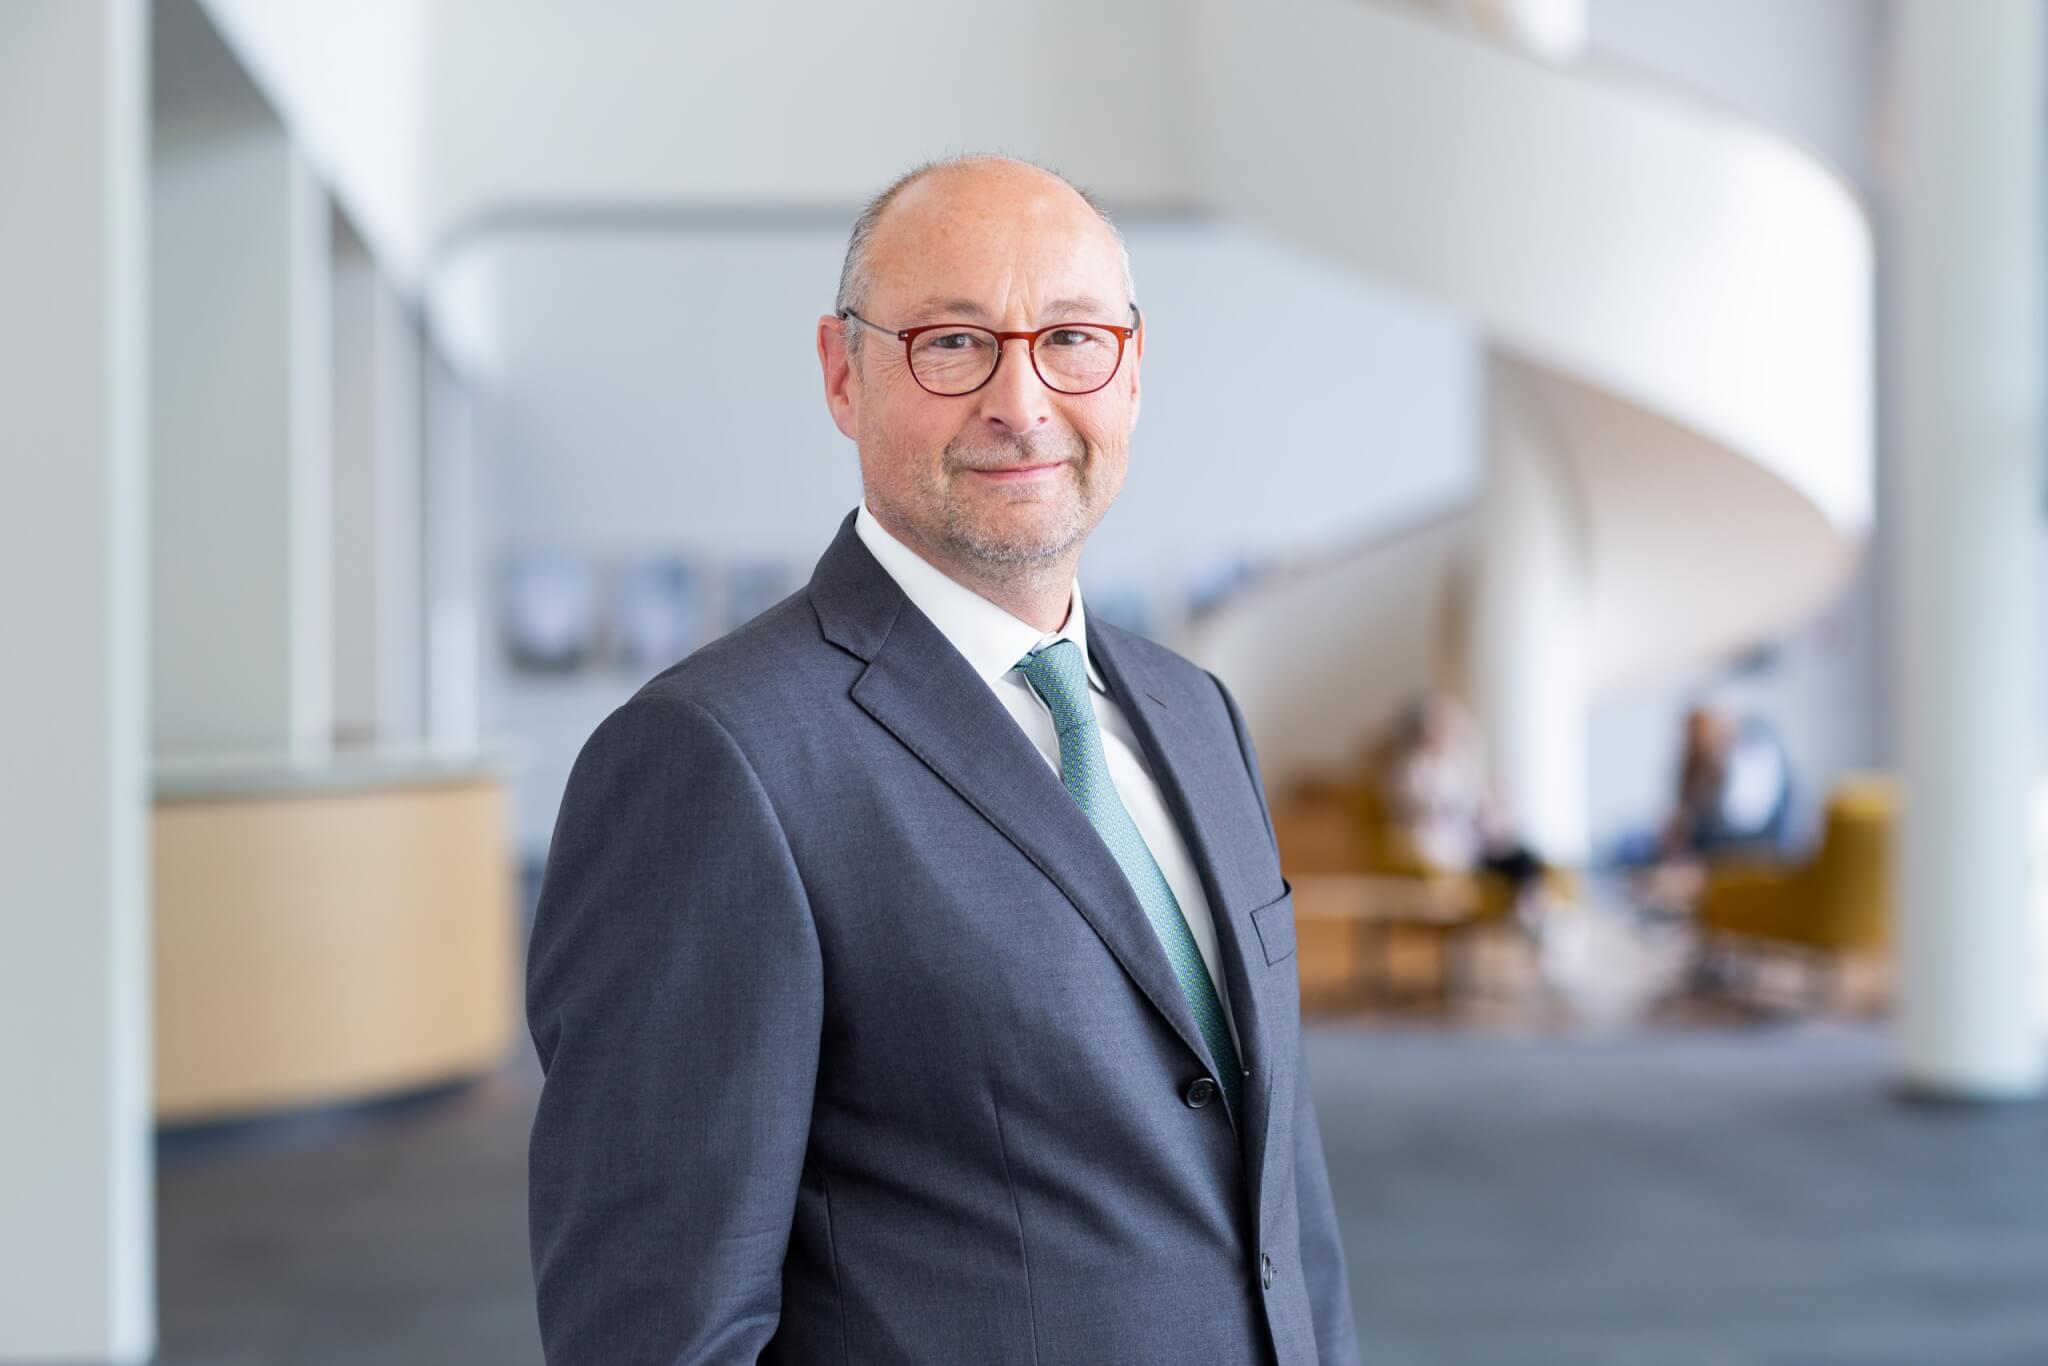 Vonovia-Chef Rolf Buch ist neuer Moderator des Initiativkreis Ruhr (Foto © Initiativkreis Ruhr)